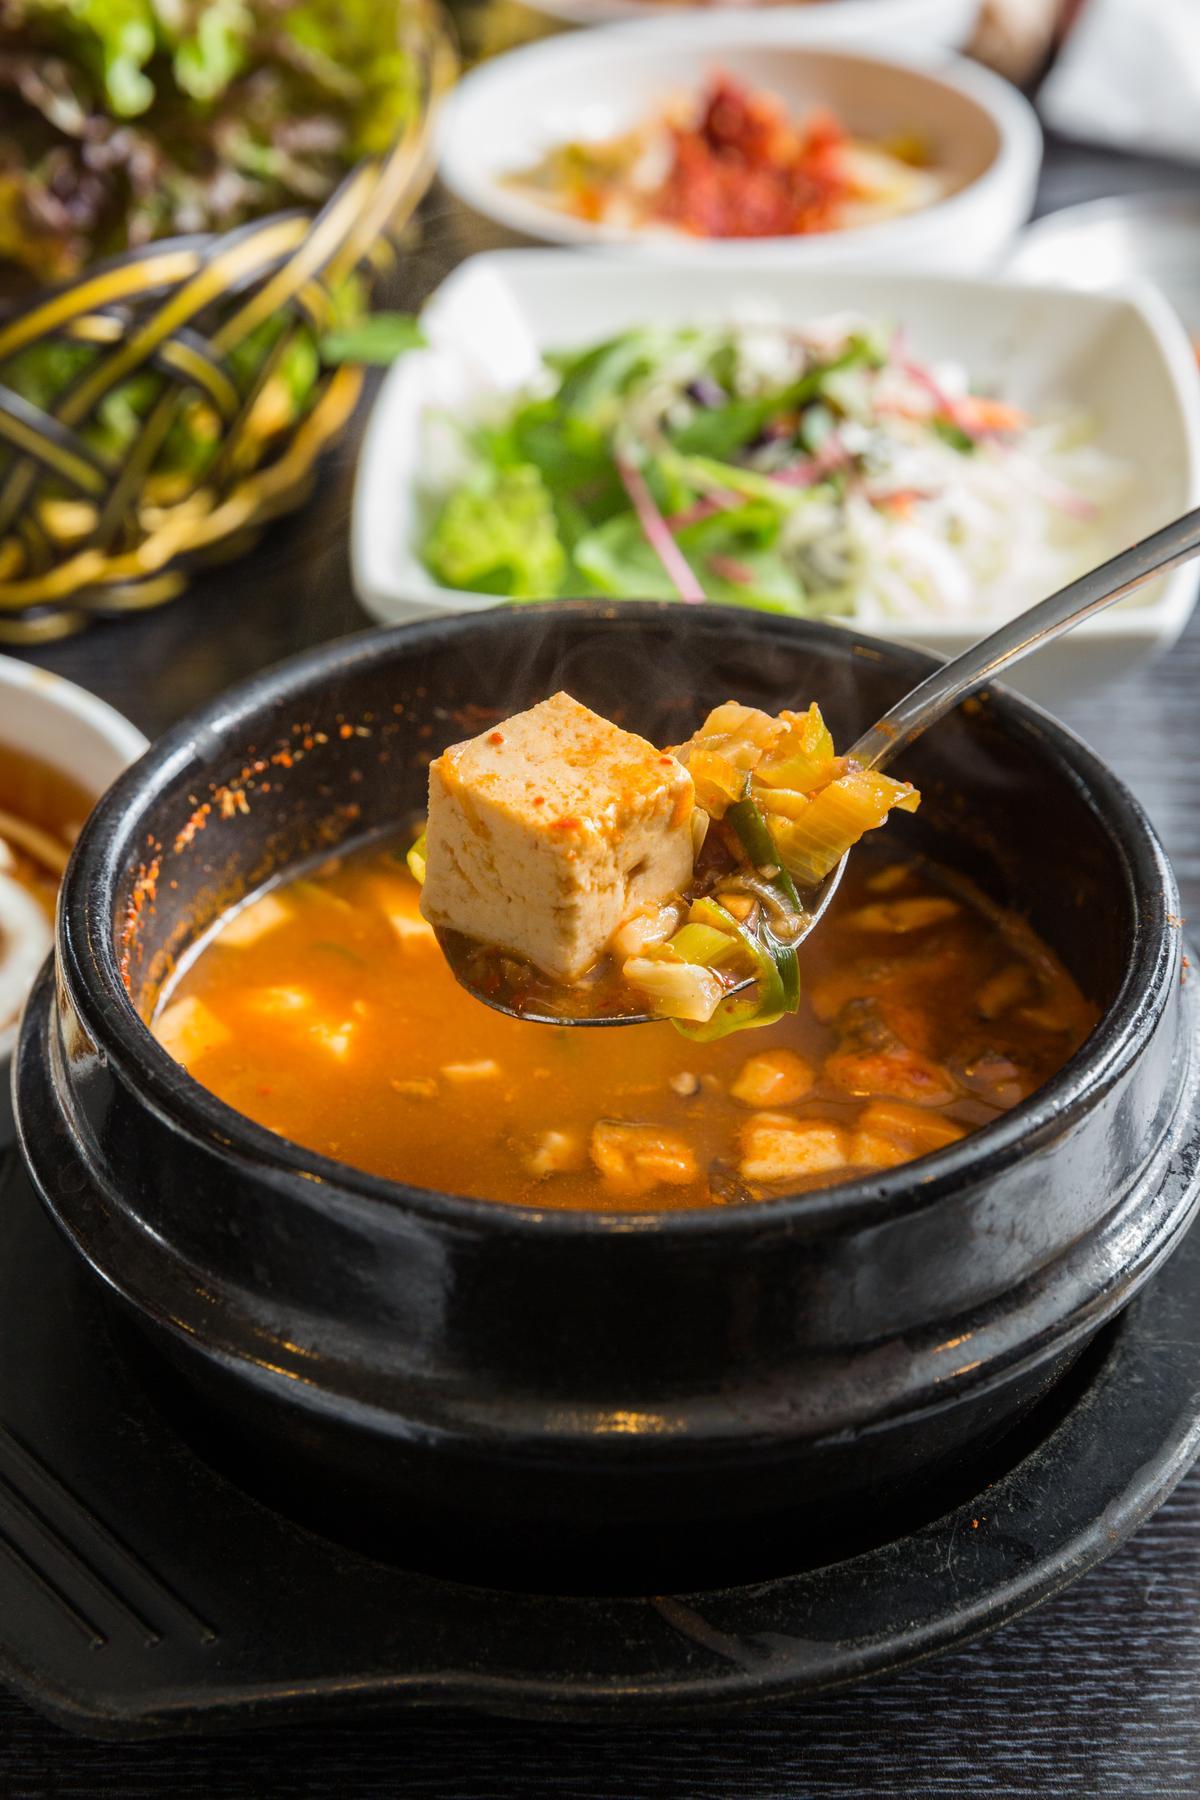 重口味的加辣韓式大醬湯,搭五花肉解膩又開胃。(4,000韓元/大醬湯+米飯組合,約NT$120,需點烤肉。)